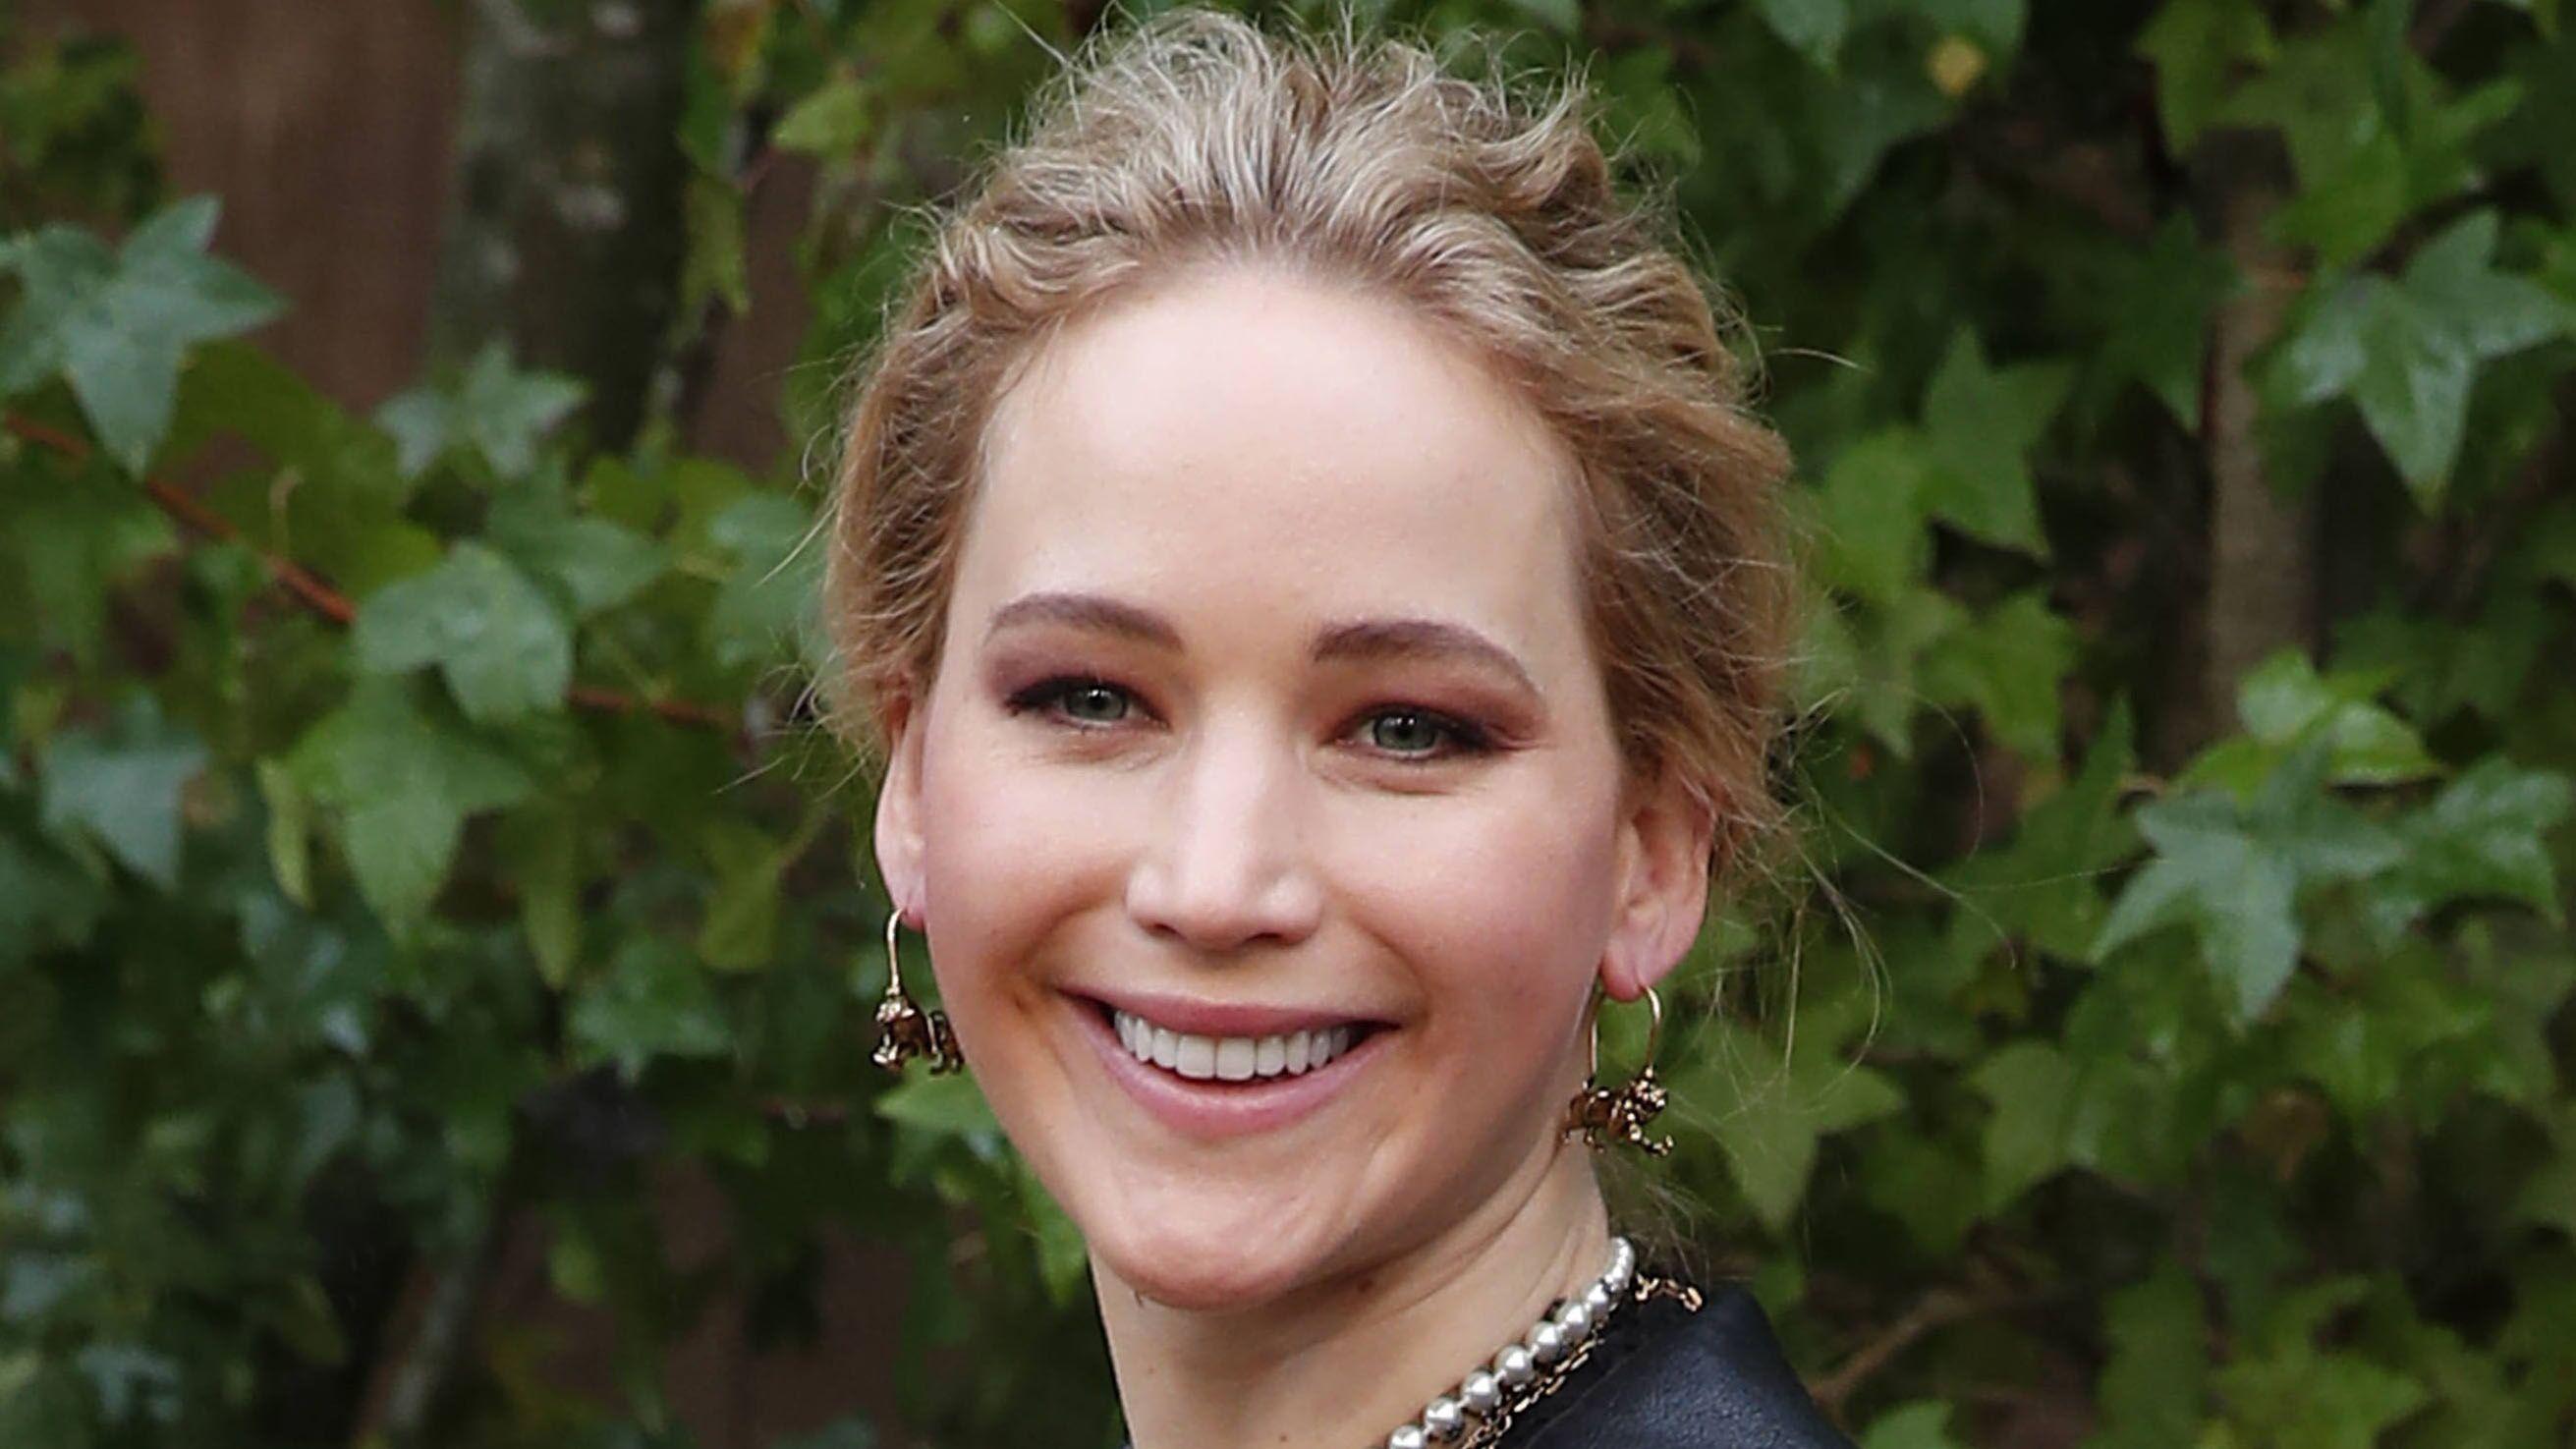 Jennifer Lawrence bientôt mariée : les détails de la cérémonie révélés